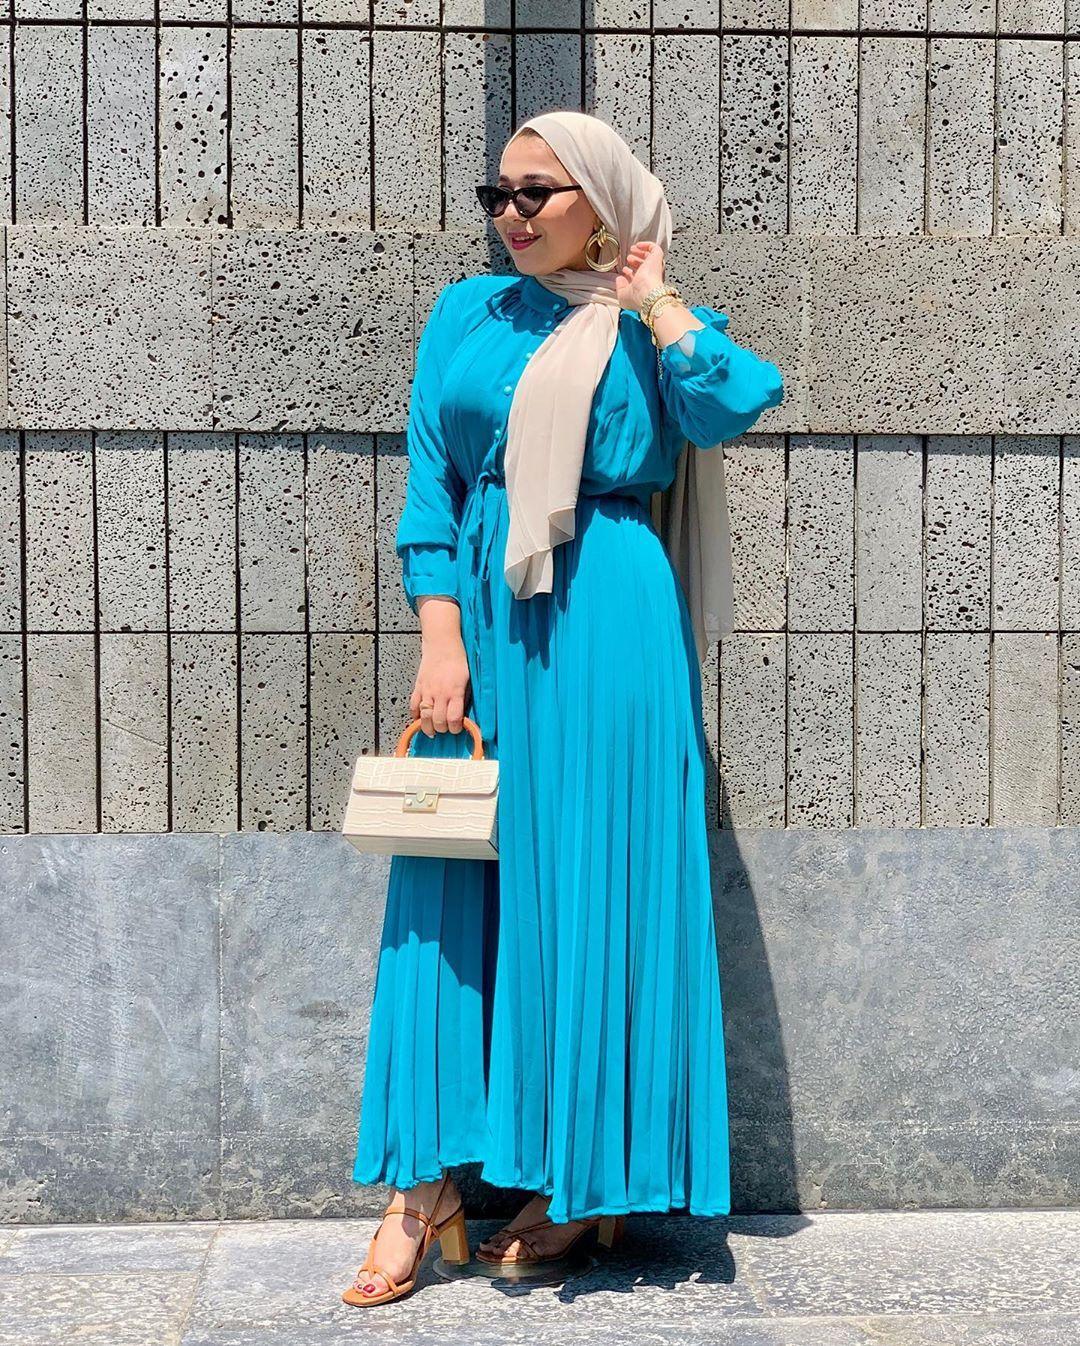 موديلات فساتين للمحجبات للخروج 2021 Fashion Hijab